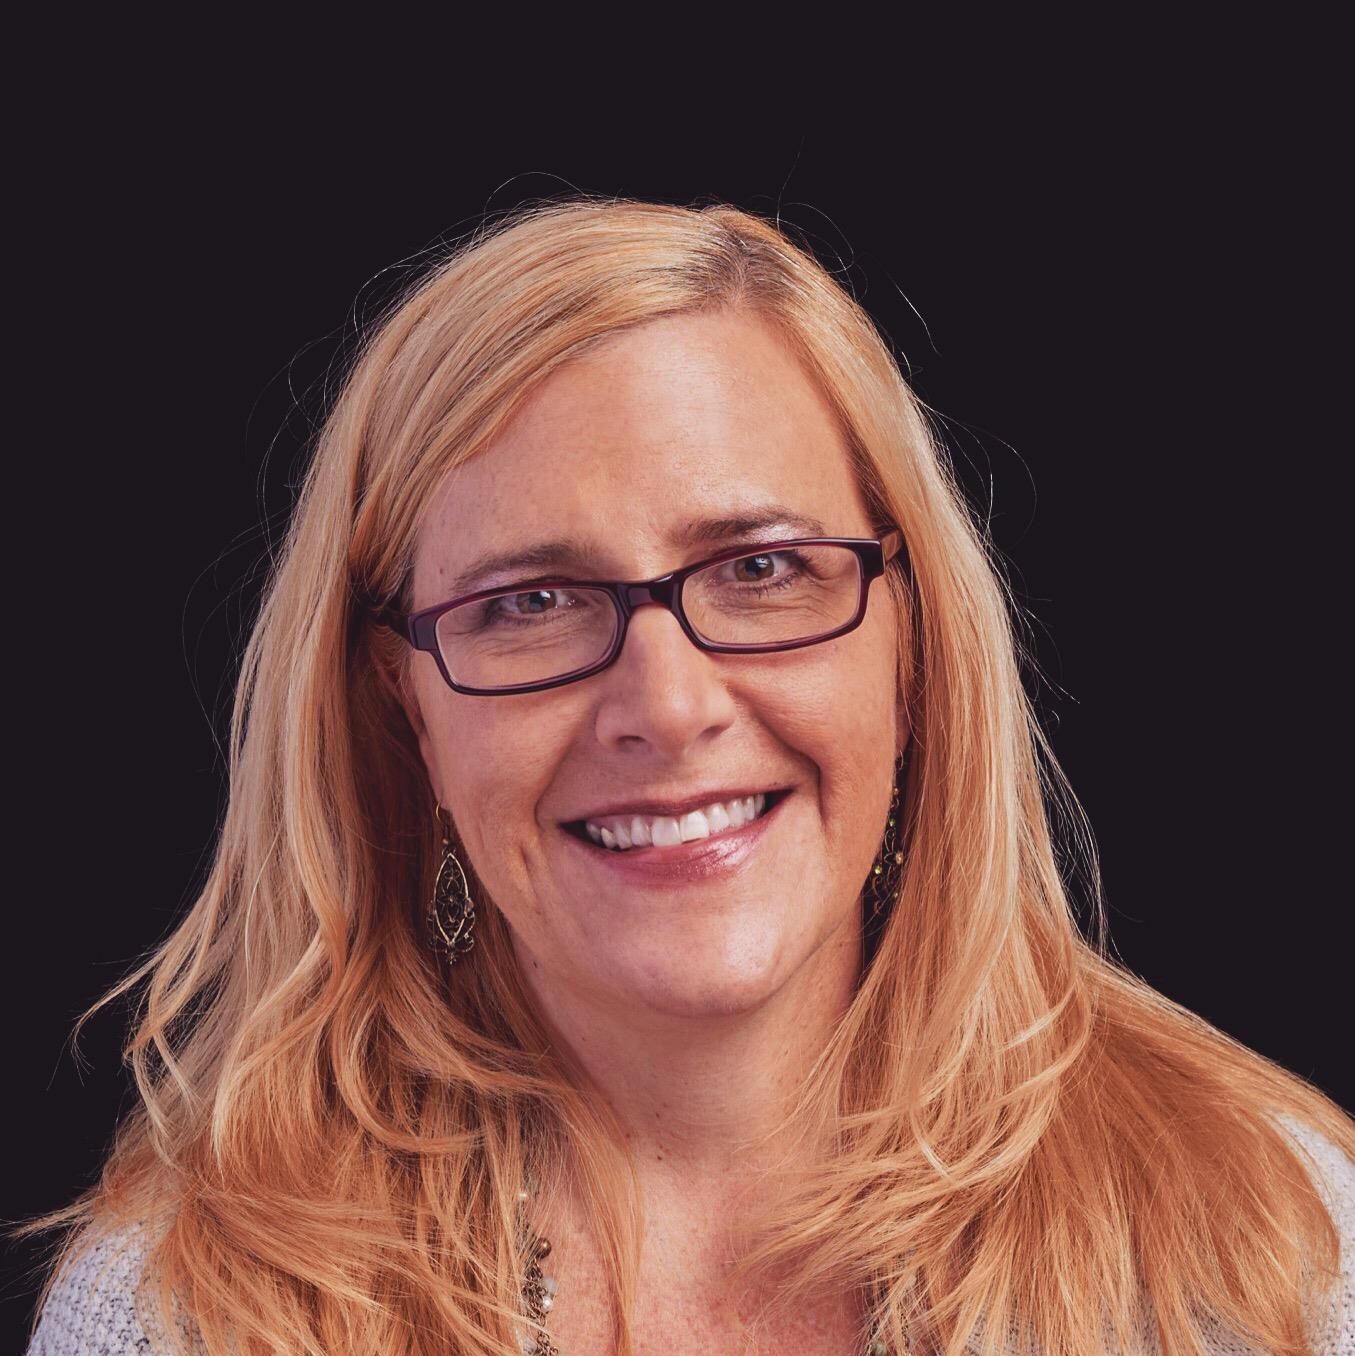 Leslie Adkins-Hall - LeslieHallHeadshot.JPG